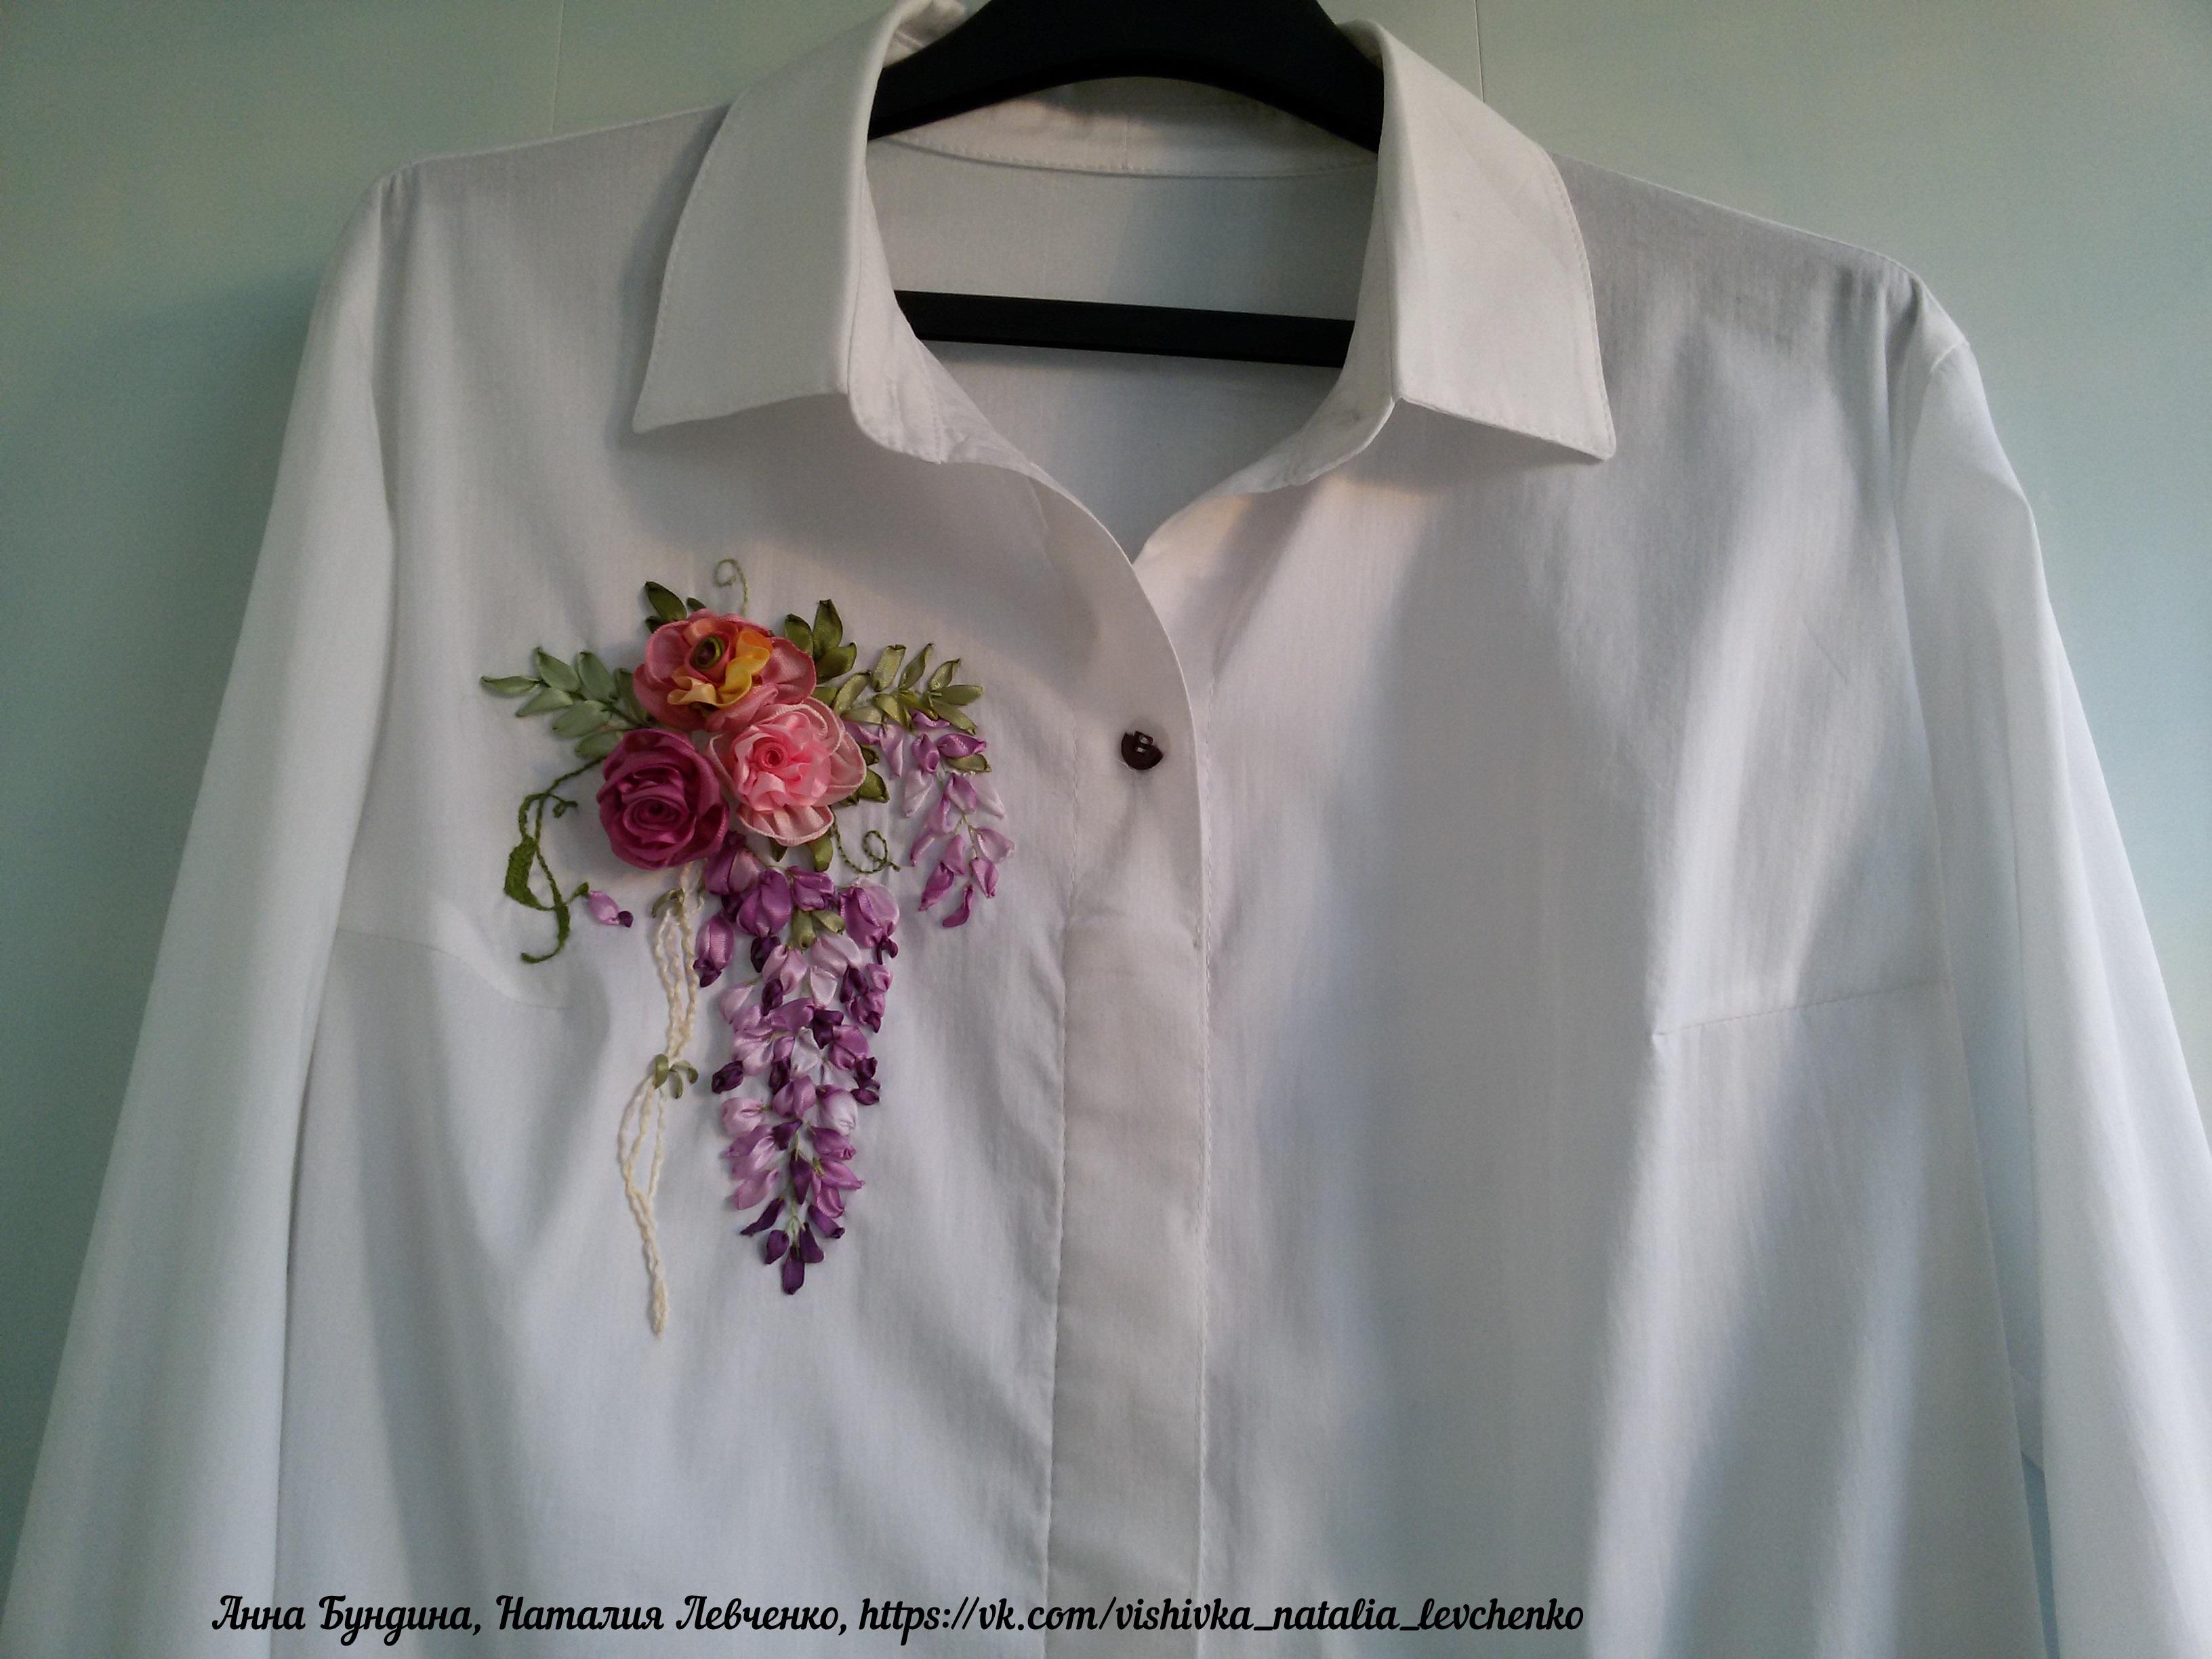 Купить Блузку Для Вышивки В Омске